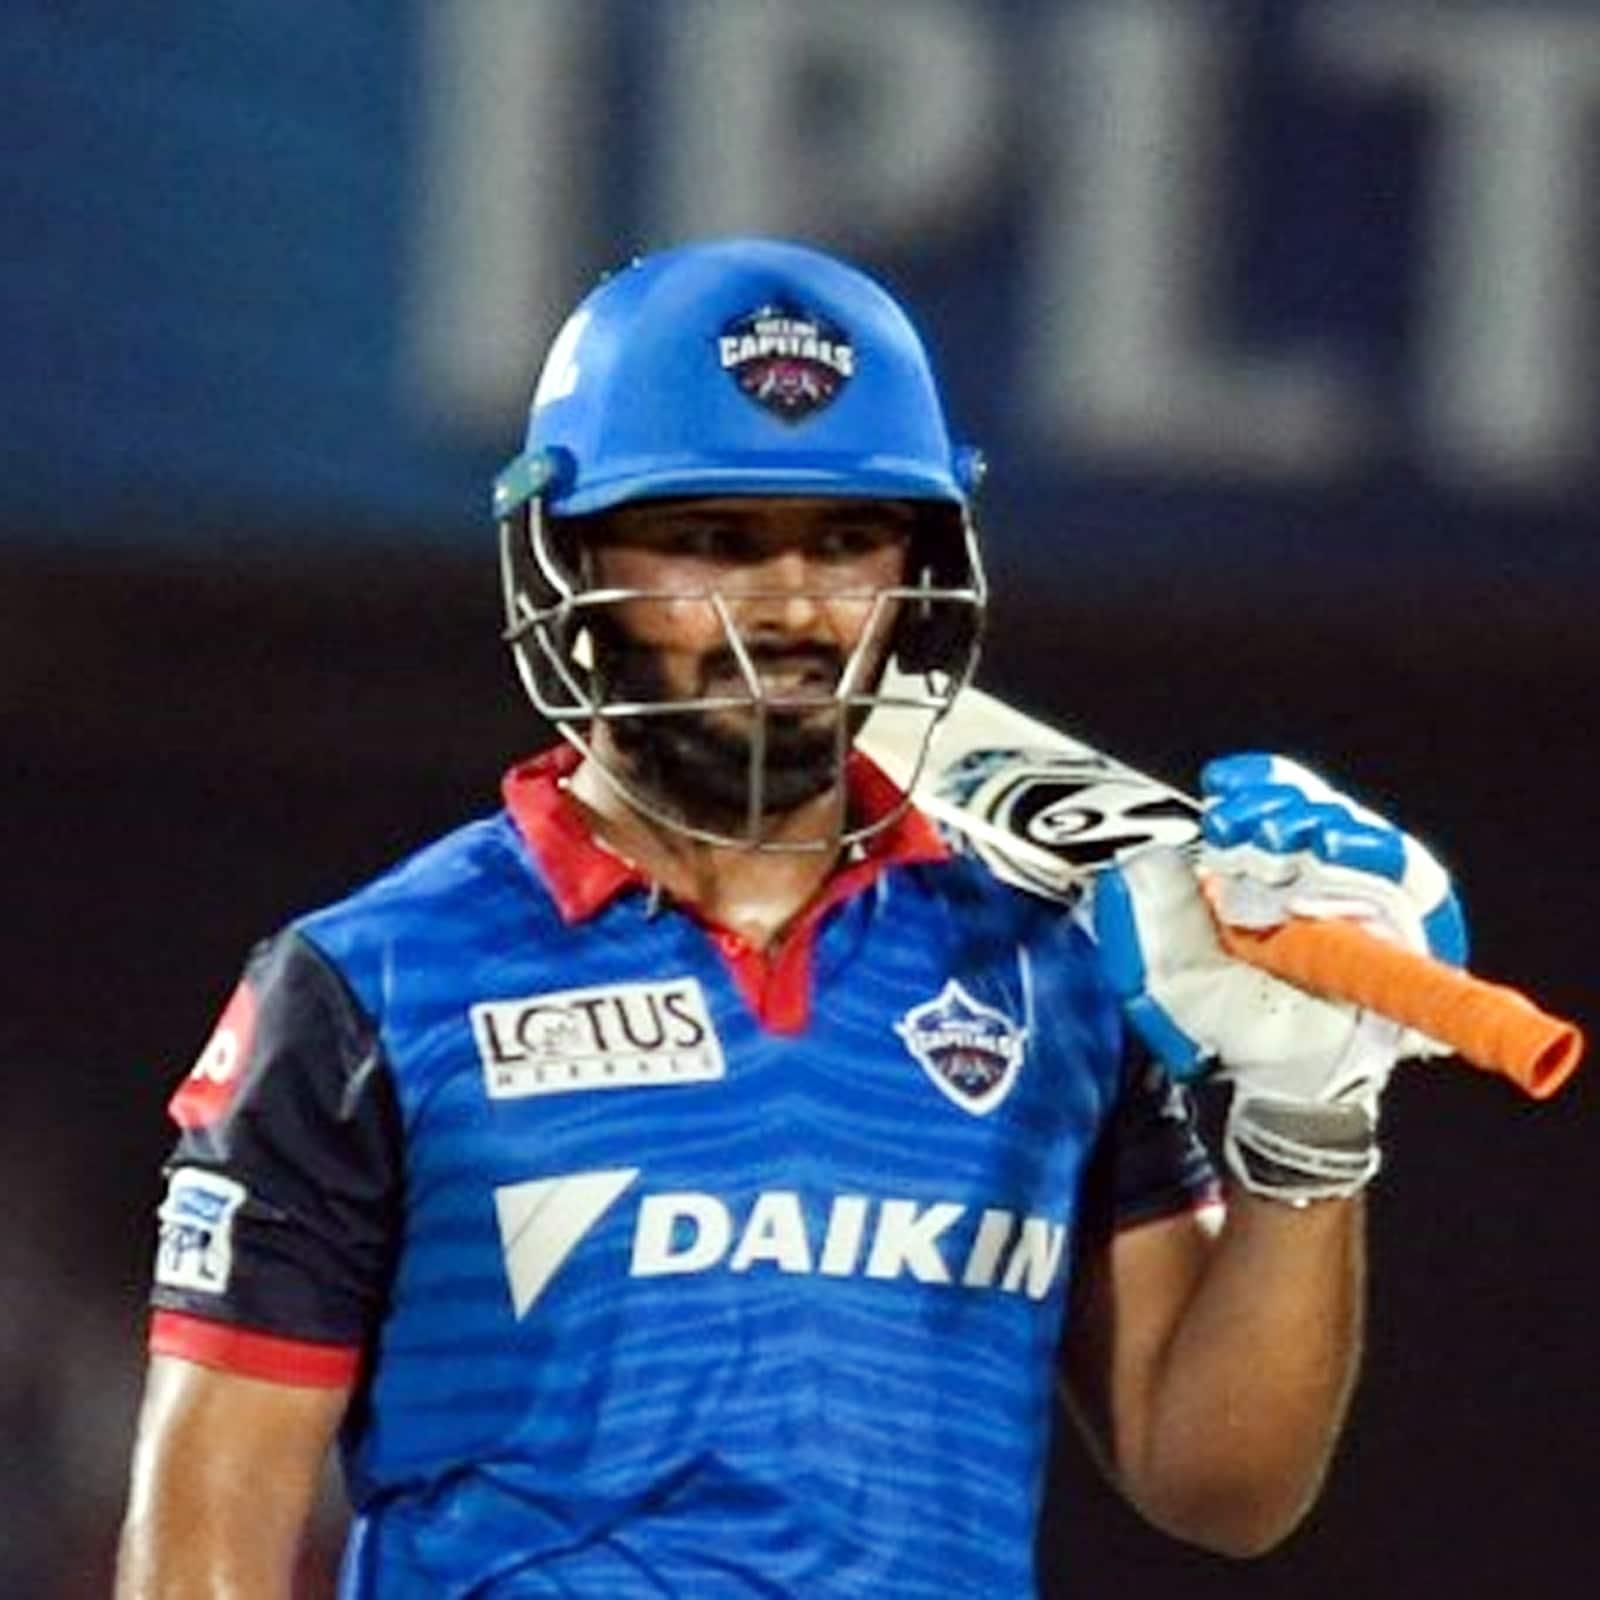 पंत ने जब इस साल चेन्नई सुपर किंग्स के खिलाफ अप्रैल में कप्तानी में डेब्यू किया था. तब वह 23 साल 6 महीने और 6 दिन के थे. वह आईपीएल इतिहास के 5वें सबसे युवा कप्तान हैं. (AFP)